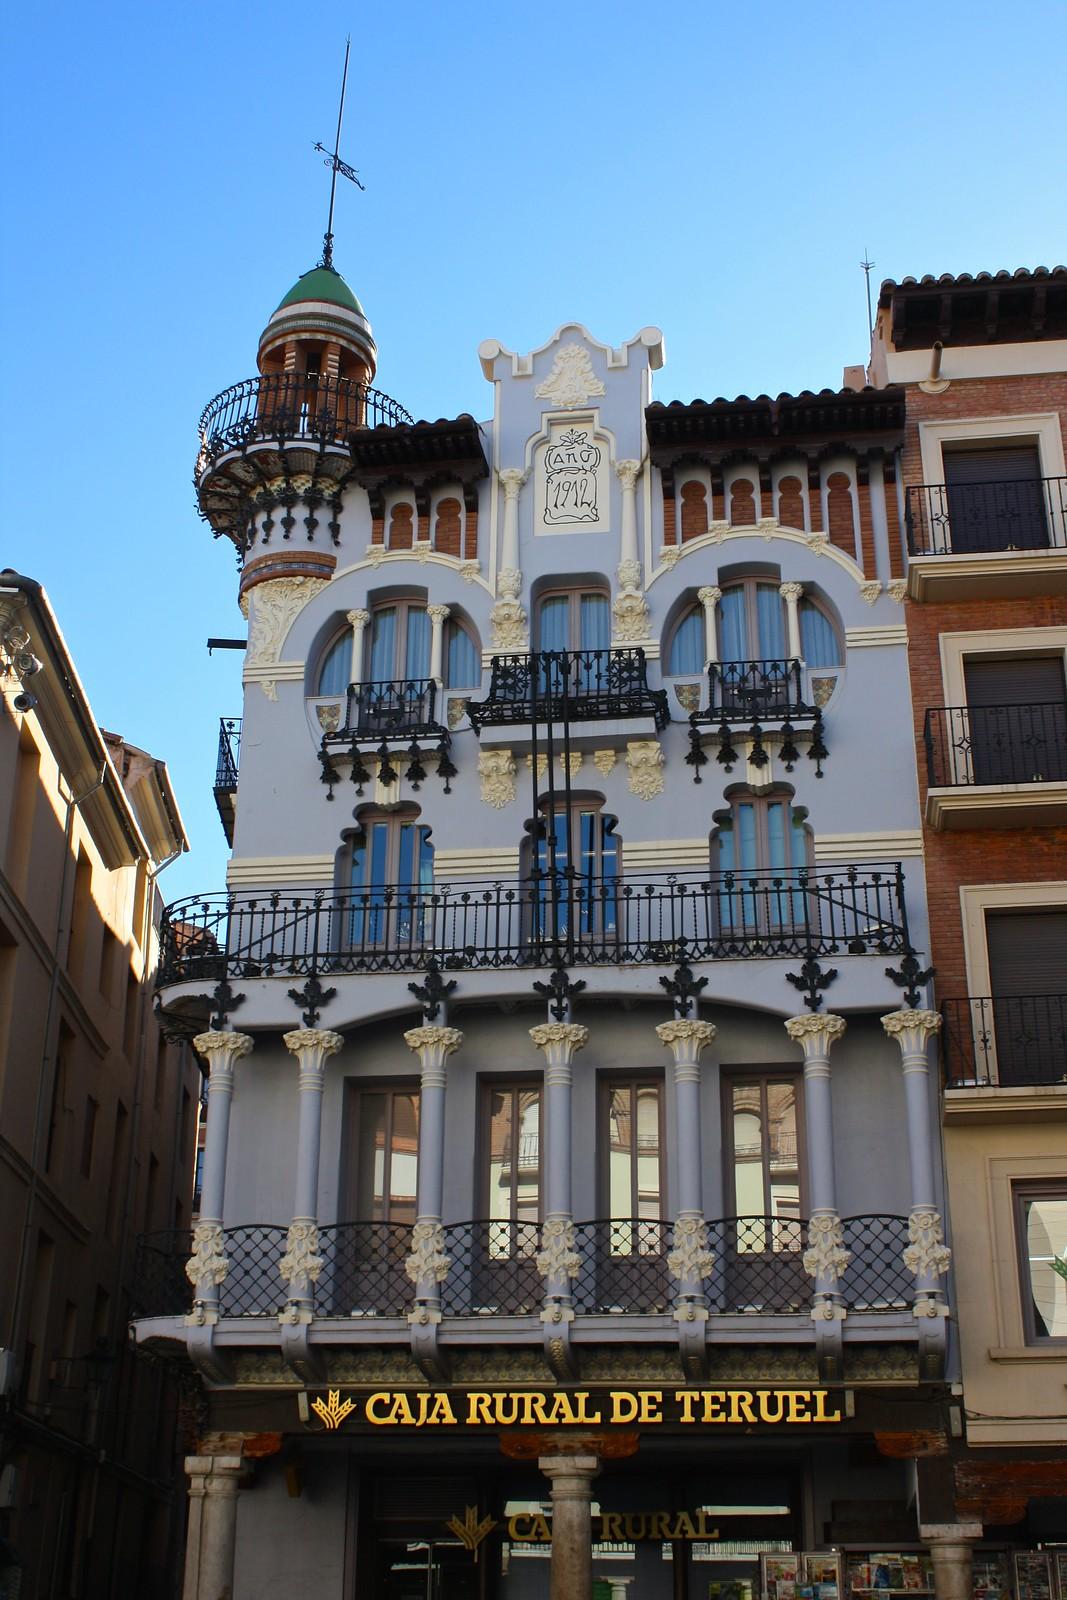 Teruel, Spain